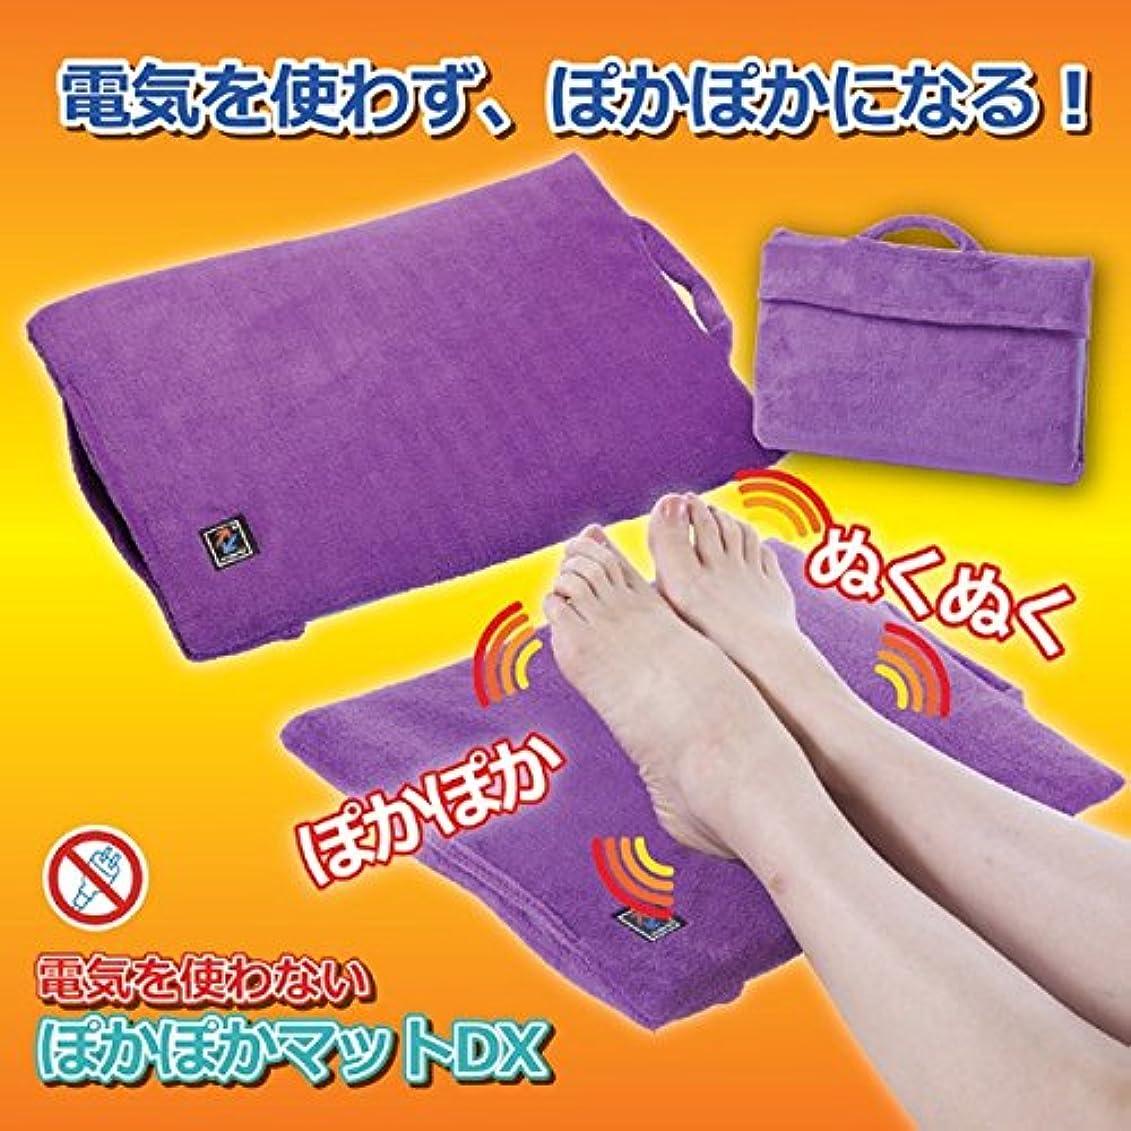 親高潔なイサカぽかぽかマットデラックス 富士山溶岩シート使用 30cm×40cm 洗える (防寒用具) ds-1283516